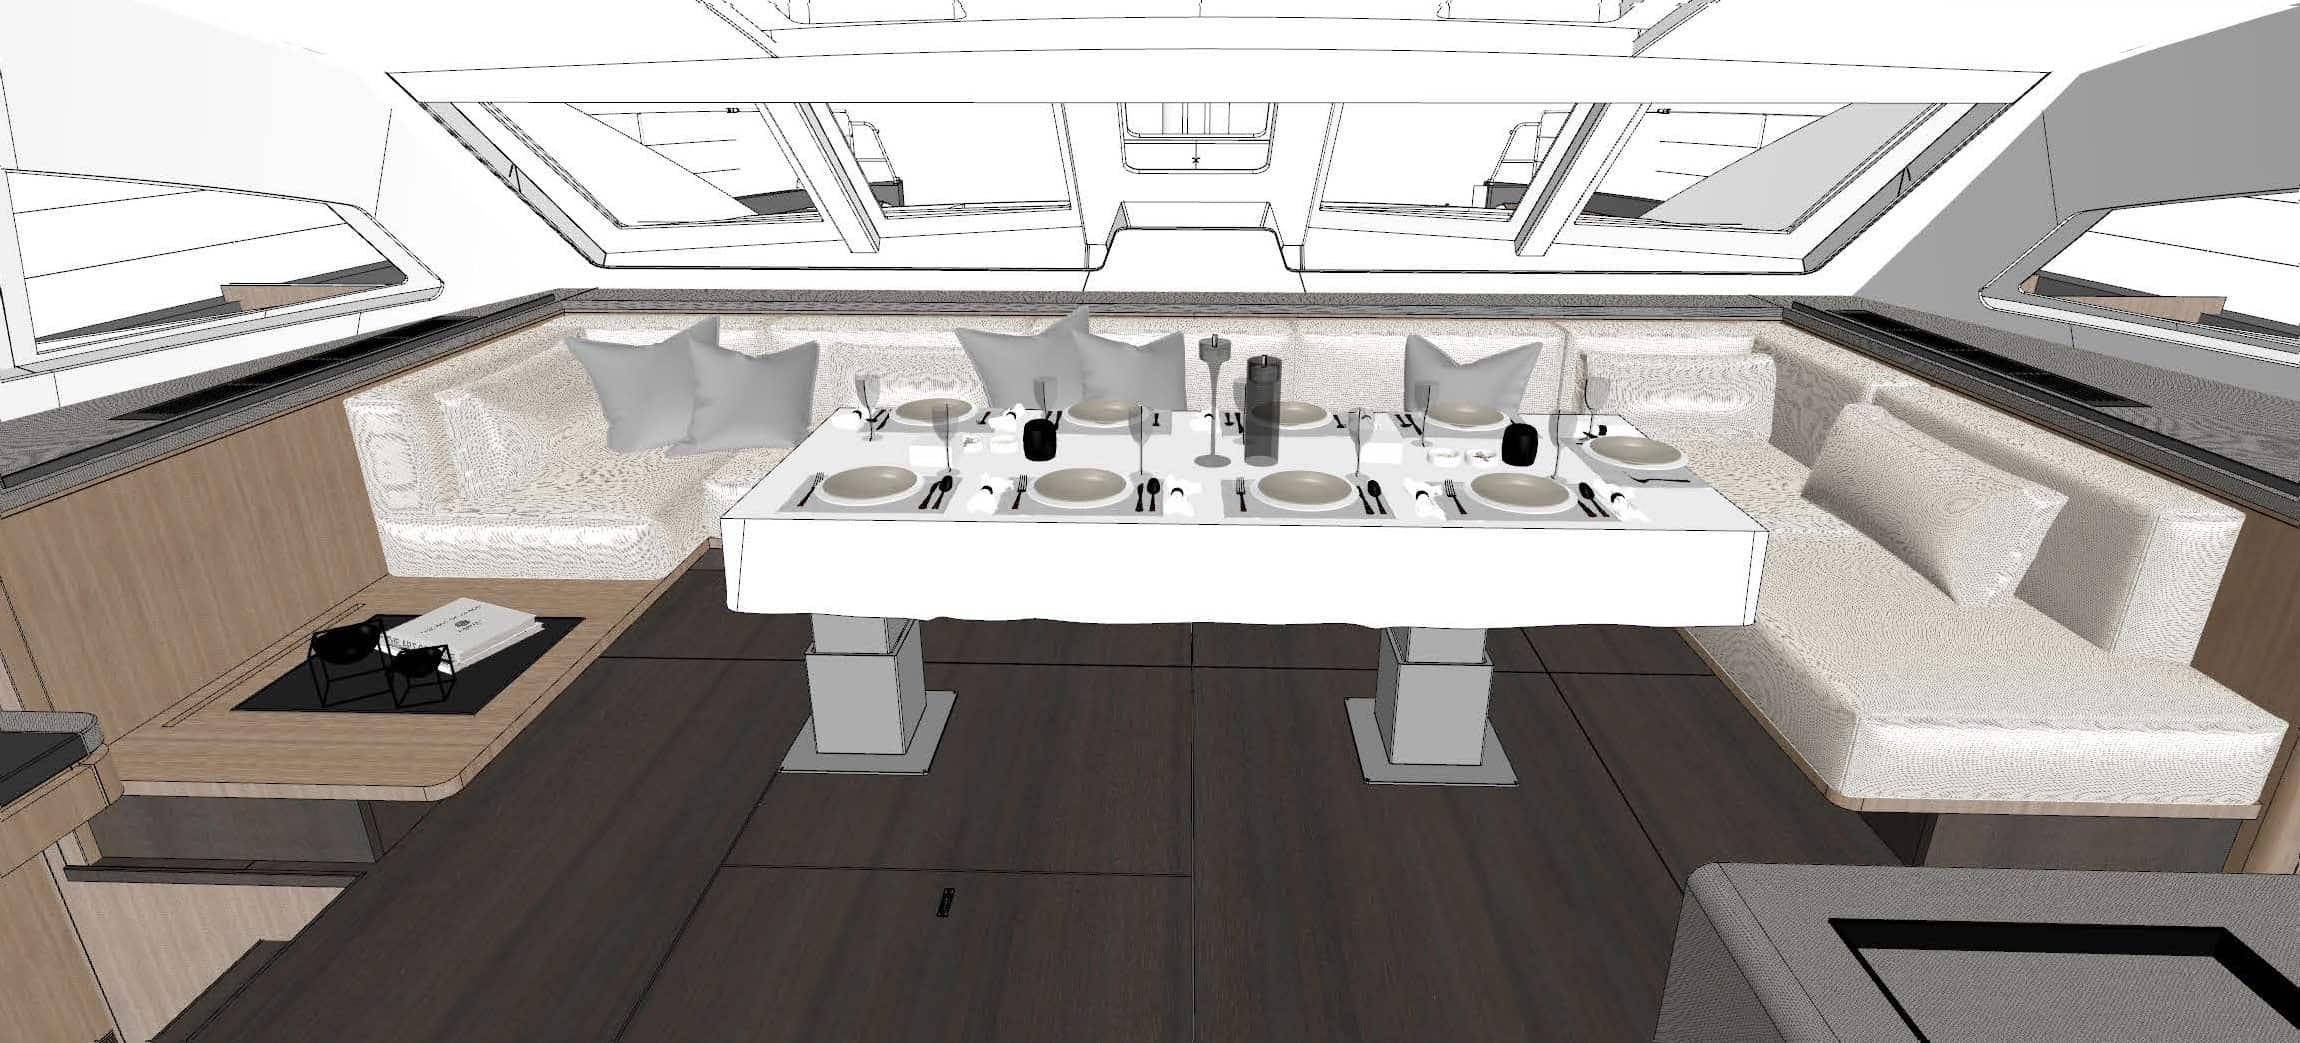 Super Dining configuration